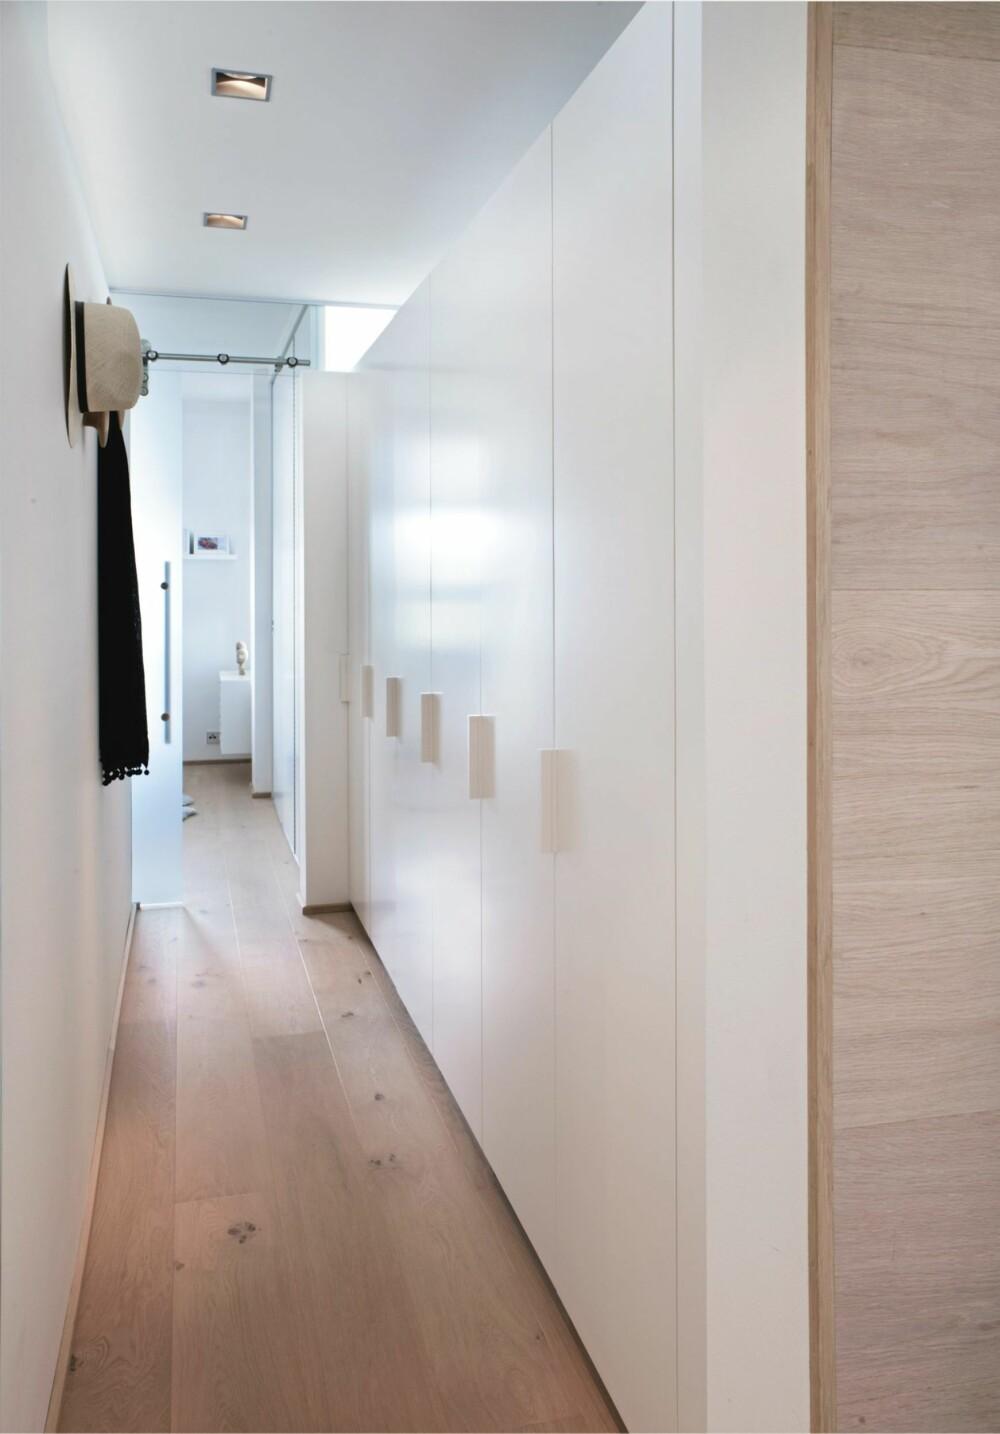 GARDEROBEGANG. Garderoben er rett bak stueveggen og har god oppbevaringsplass.